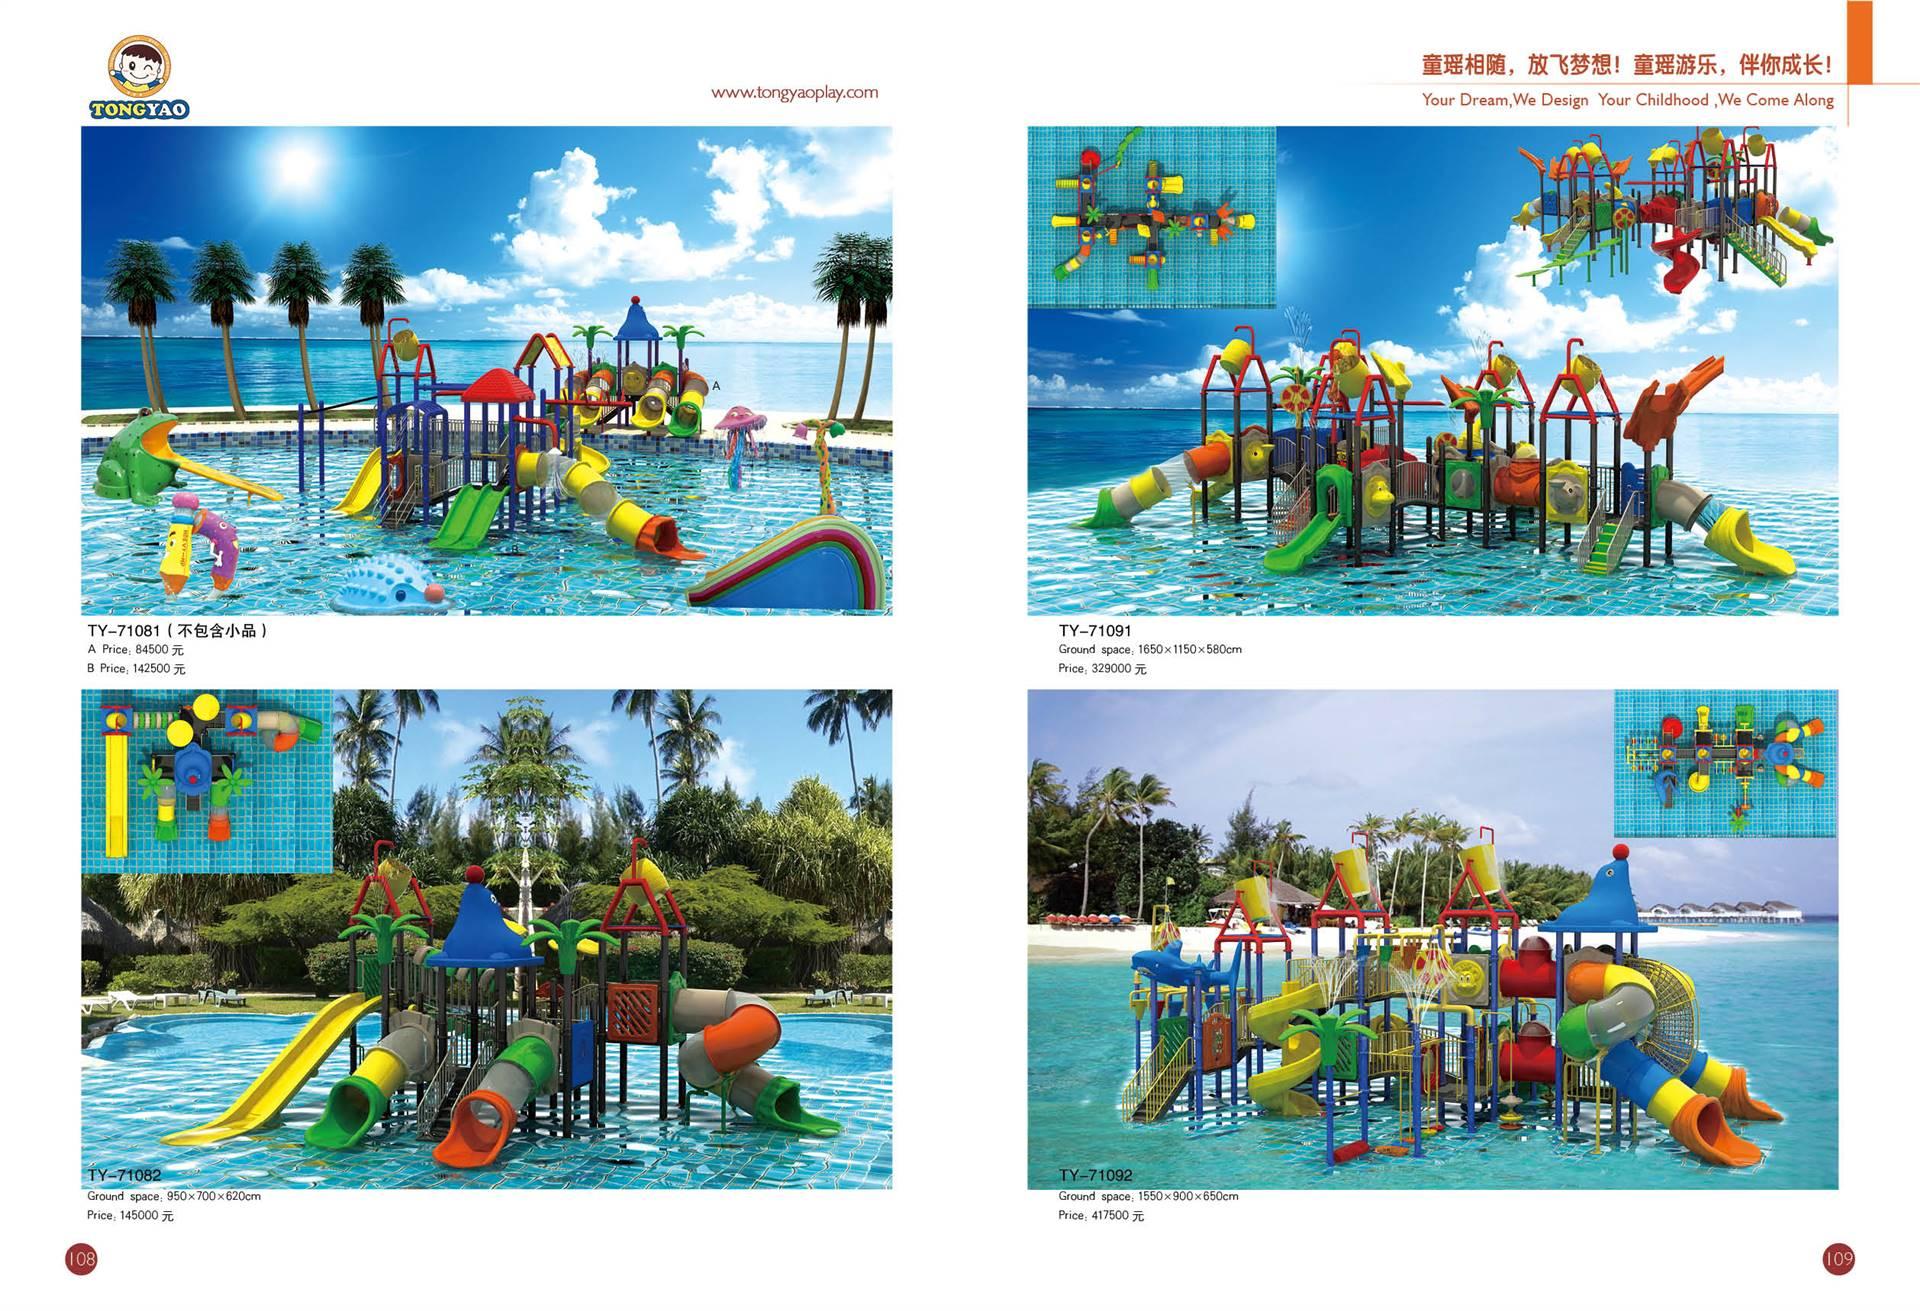 淘气堡,儿童组合滑梯,水上乐园,户外健身器材,蹦床,拓展攀爬